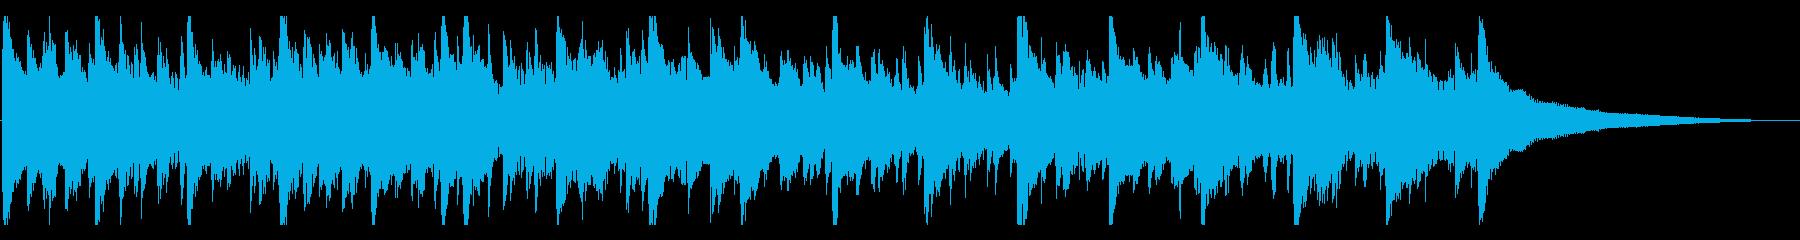 30秒打楽器なし楽しい、明るい、ウクレレの再生済みの波形